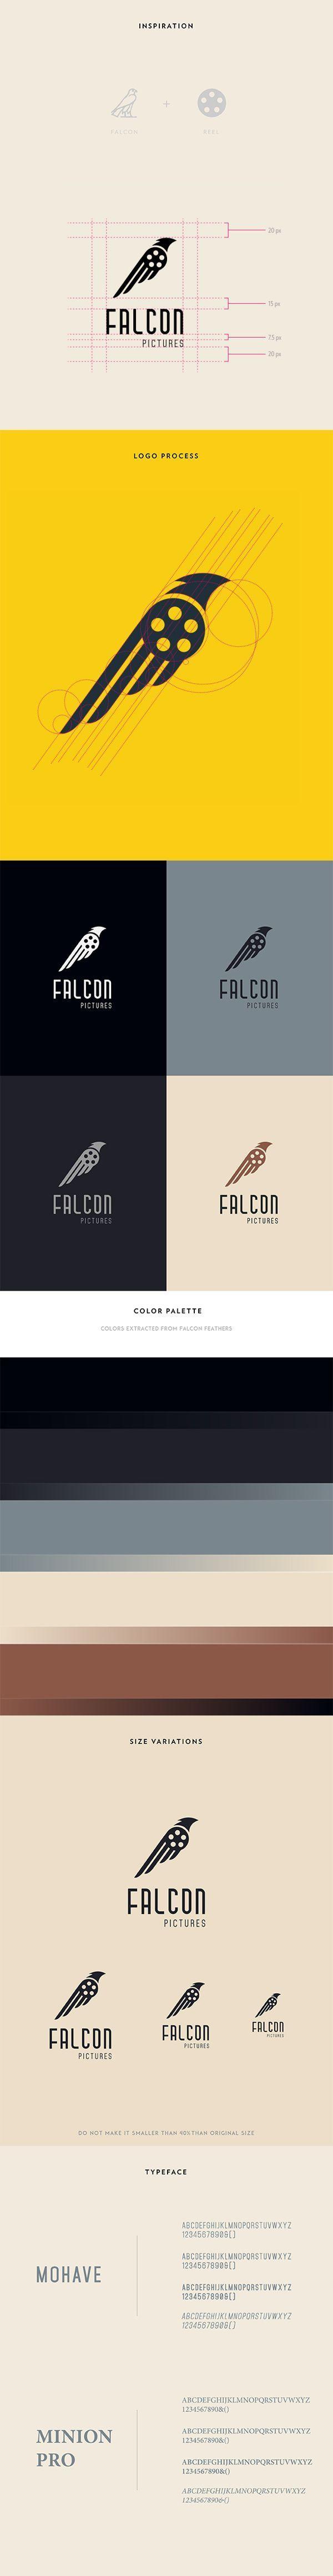 VER - REFE DE TAL VEZ INVENTAR PAJARO MEZCLA FILMICO O ALGO DE ESO. ES DEMASIADO MINIMAL IGUAL, ALGO CON MAS ONDA Y DETALLE SERIA MAS LINDO TAL VEZ Falcon Pictures Logo Design by Grunz Saint, via Behance